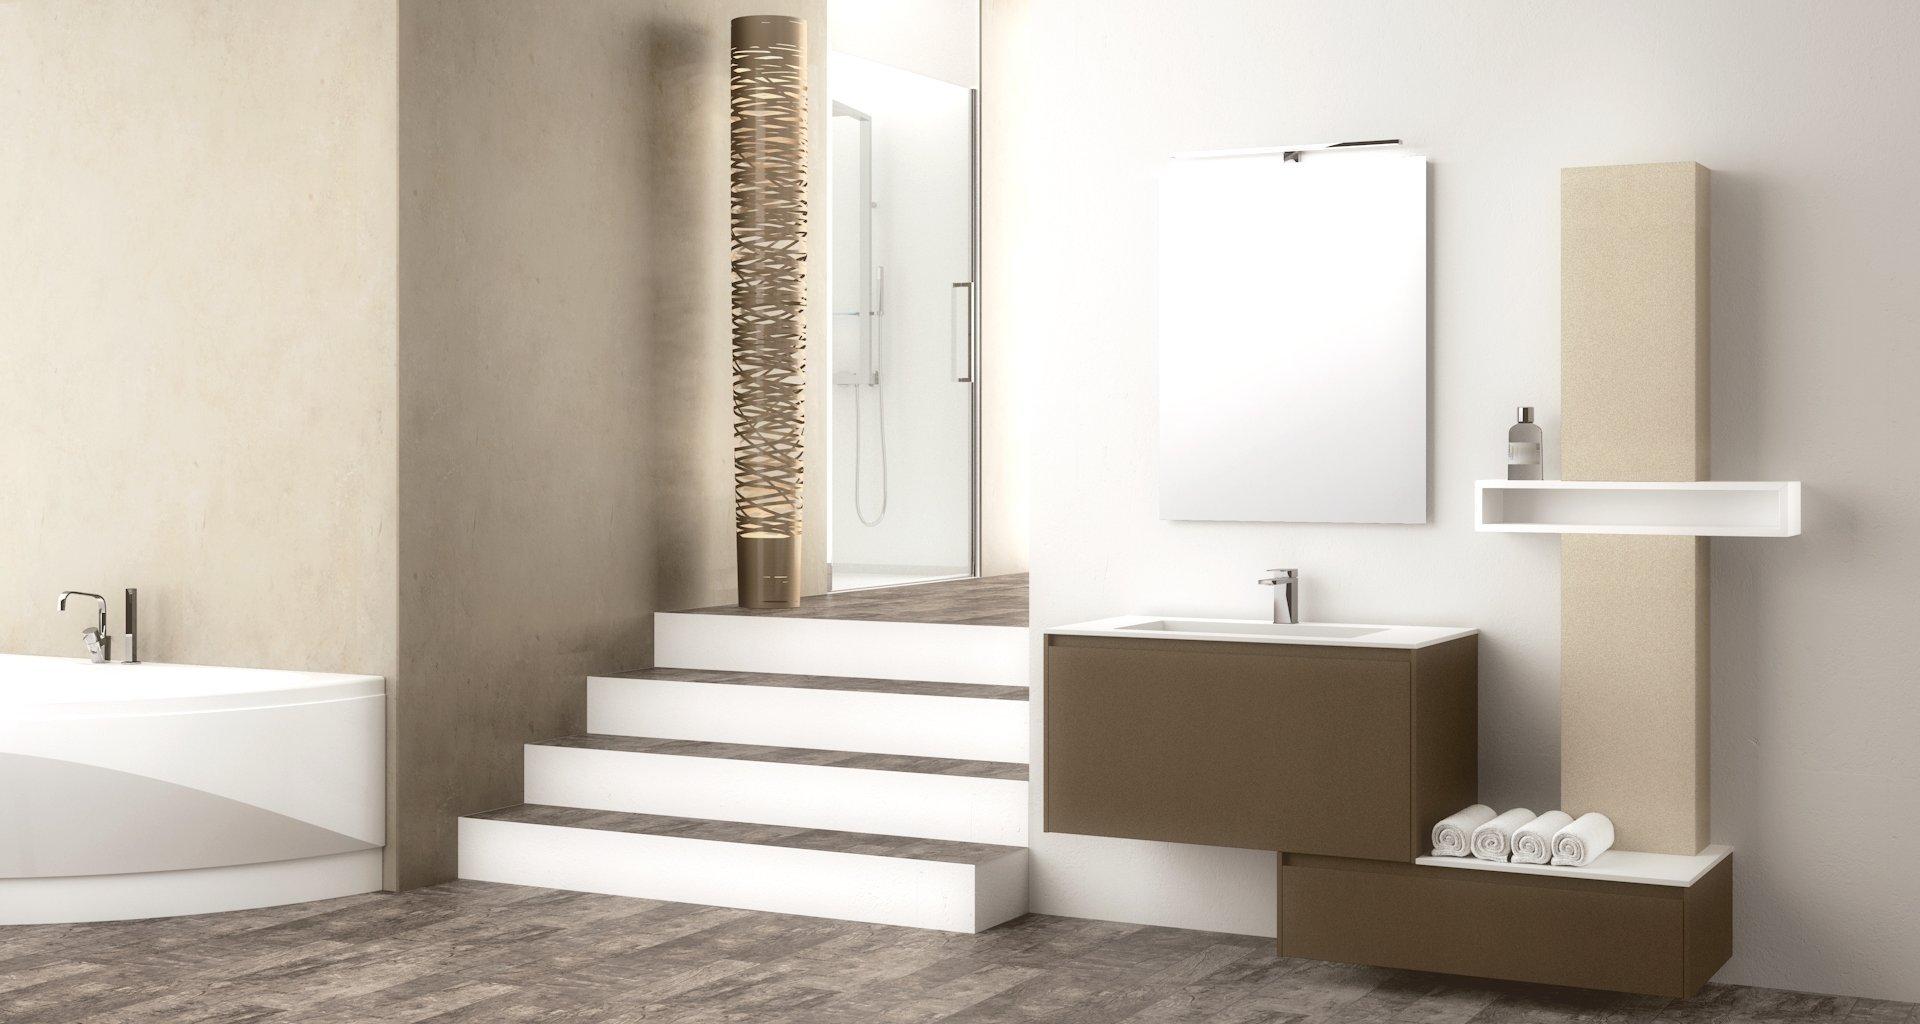 composizione bagni moderni ~ Comarg.com = Lussuoso Design del Bagno ...